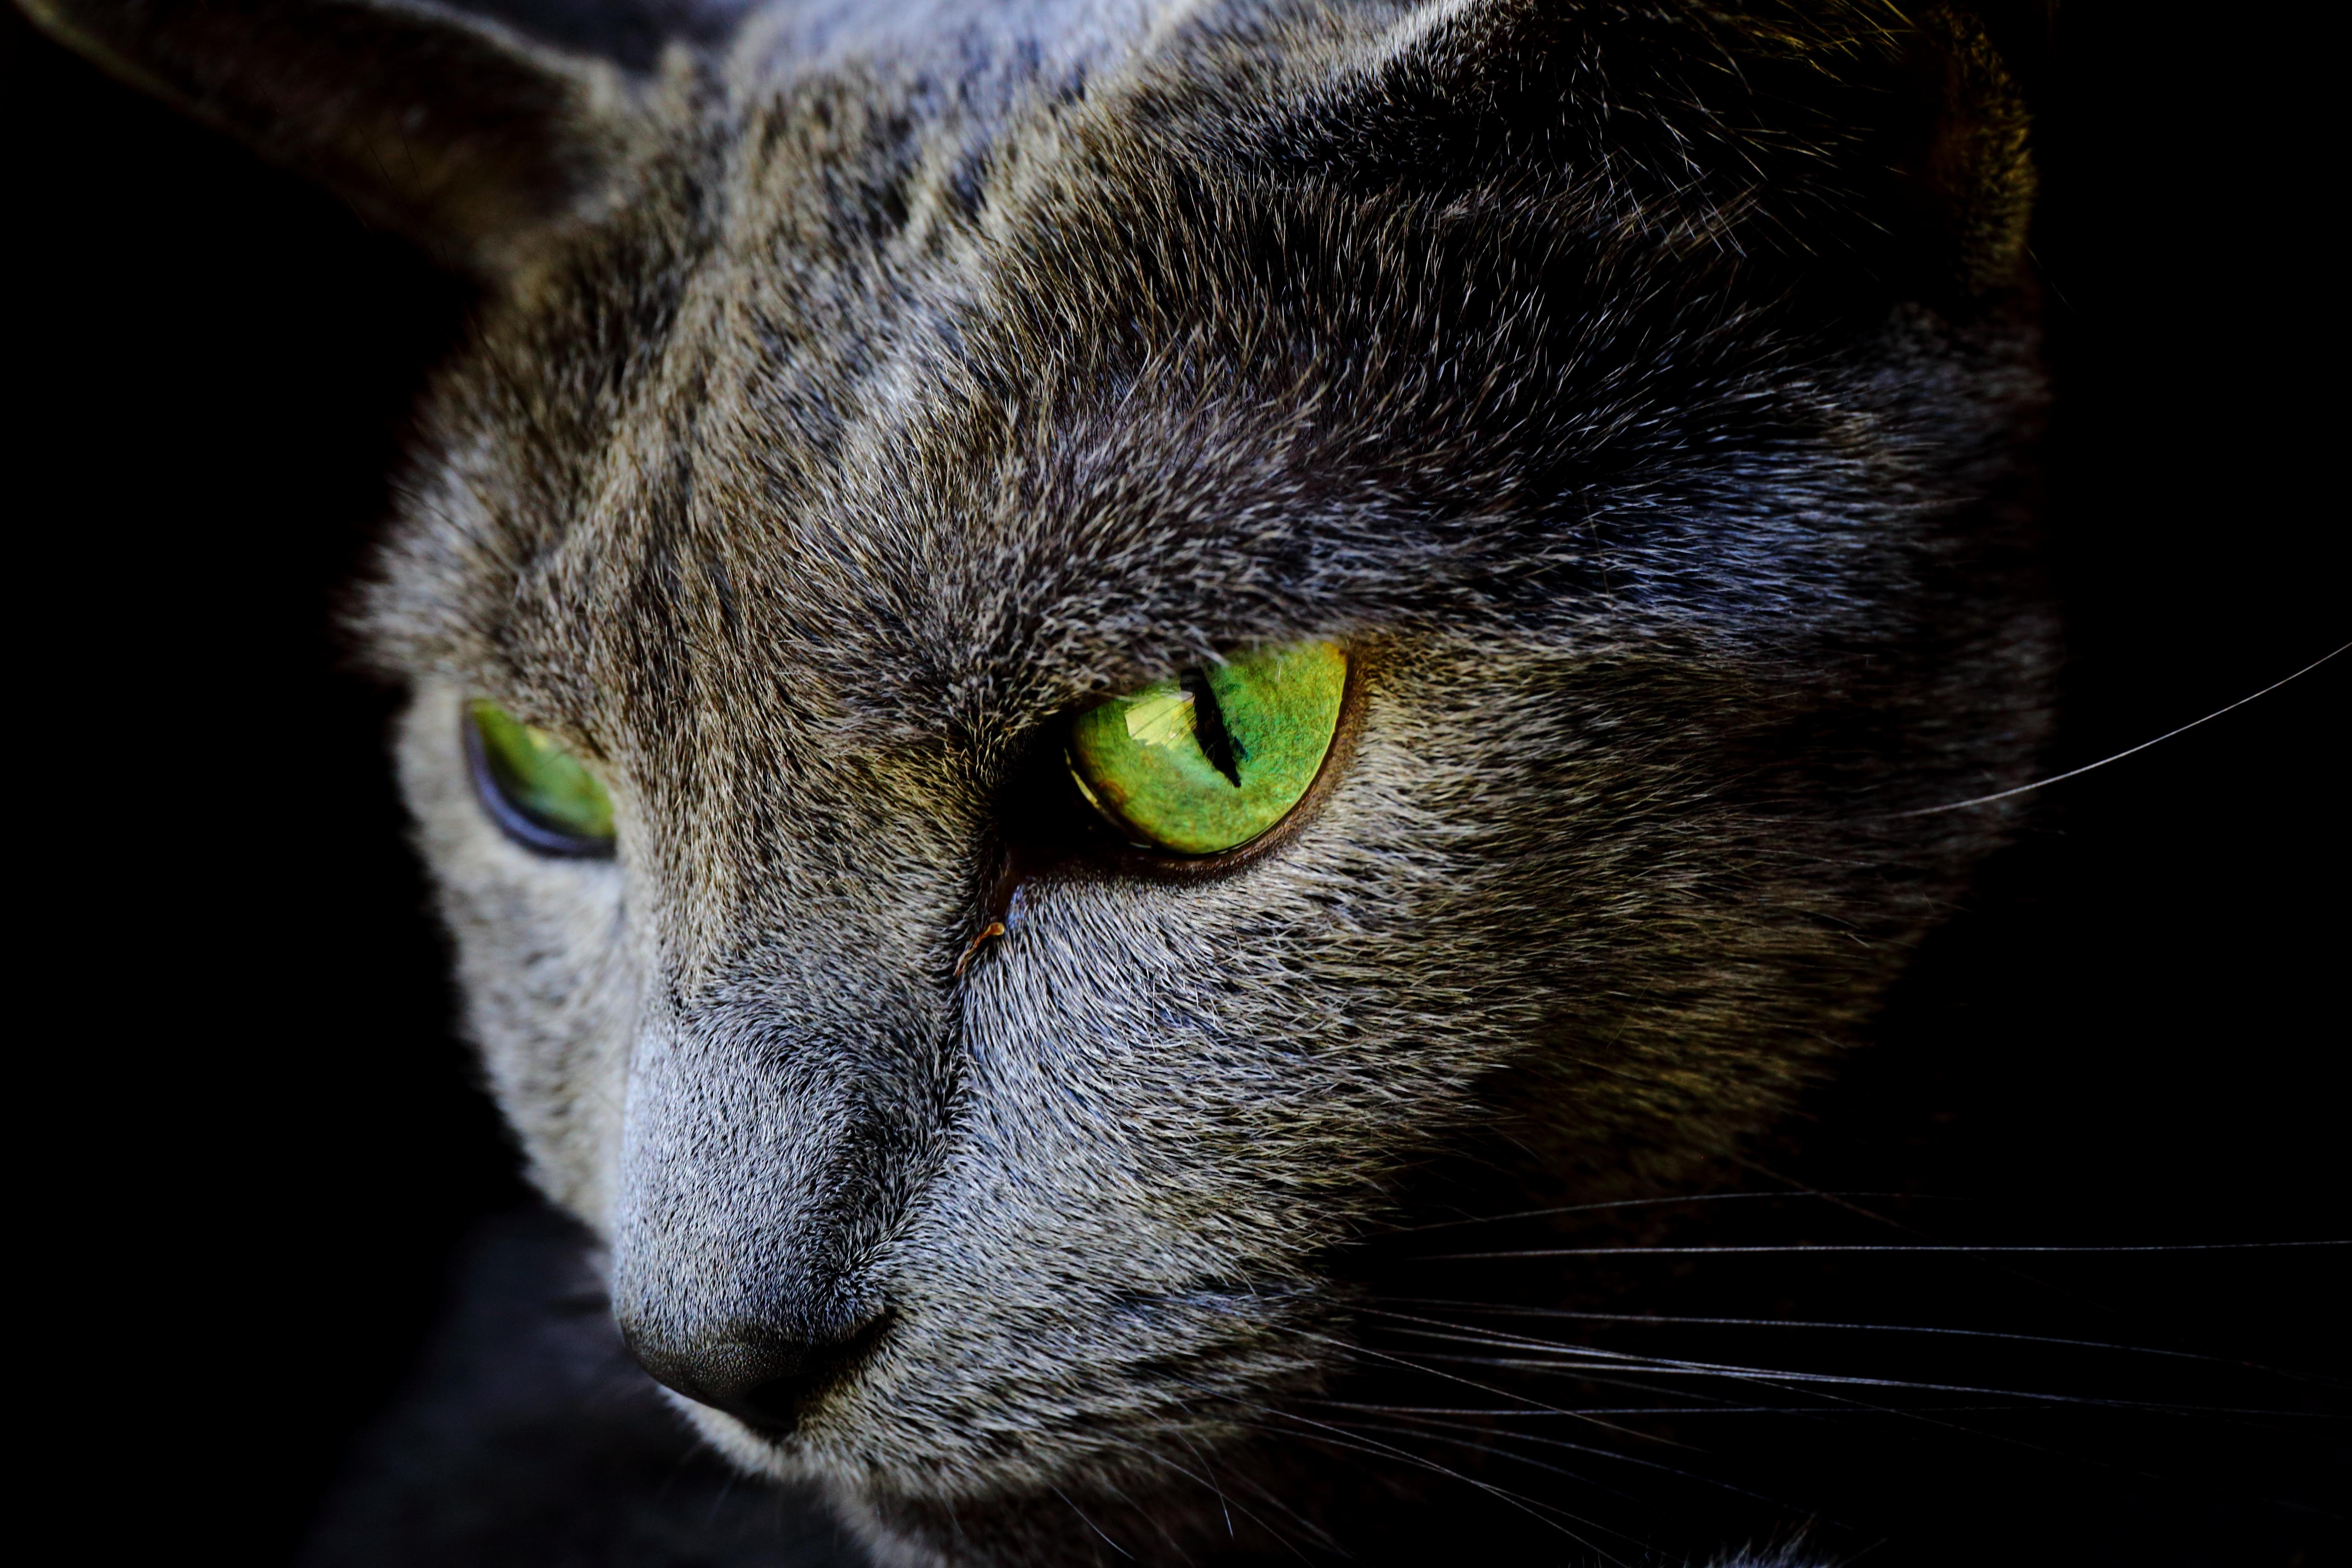 ロシアンブルーの目の色は子猫がブルー、成猫がグリーンのなぞ